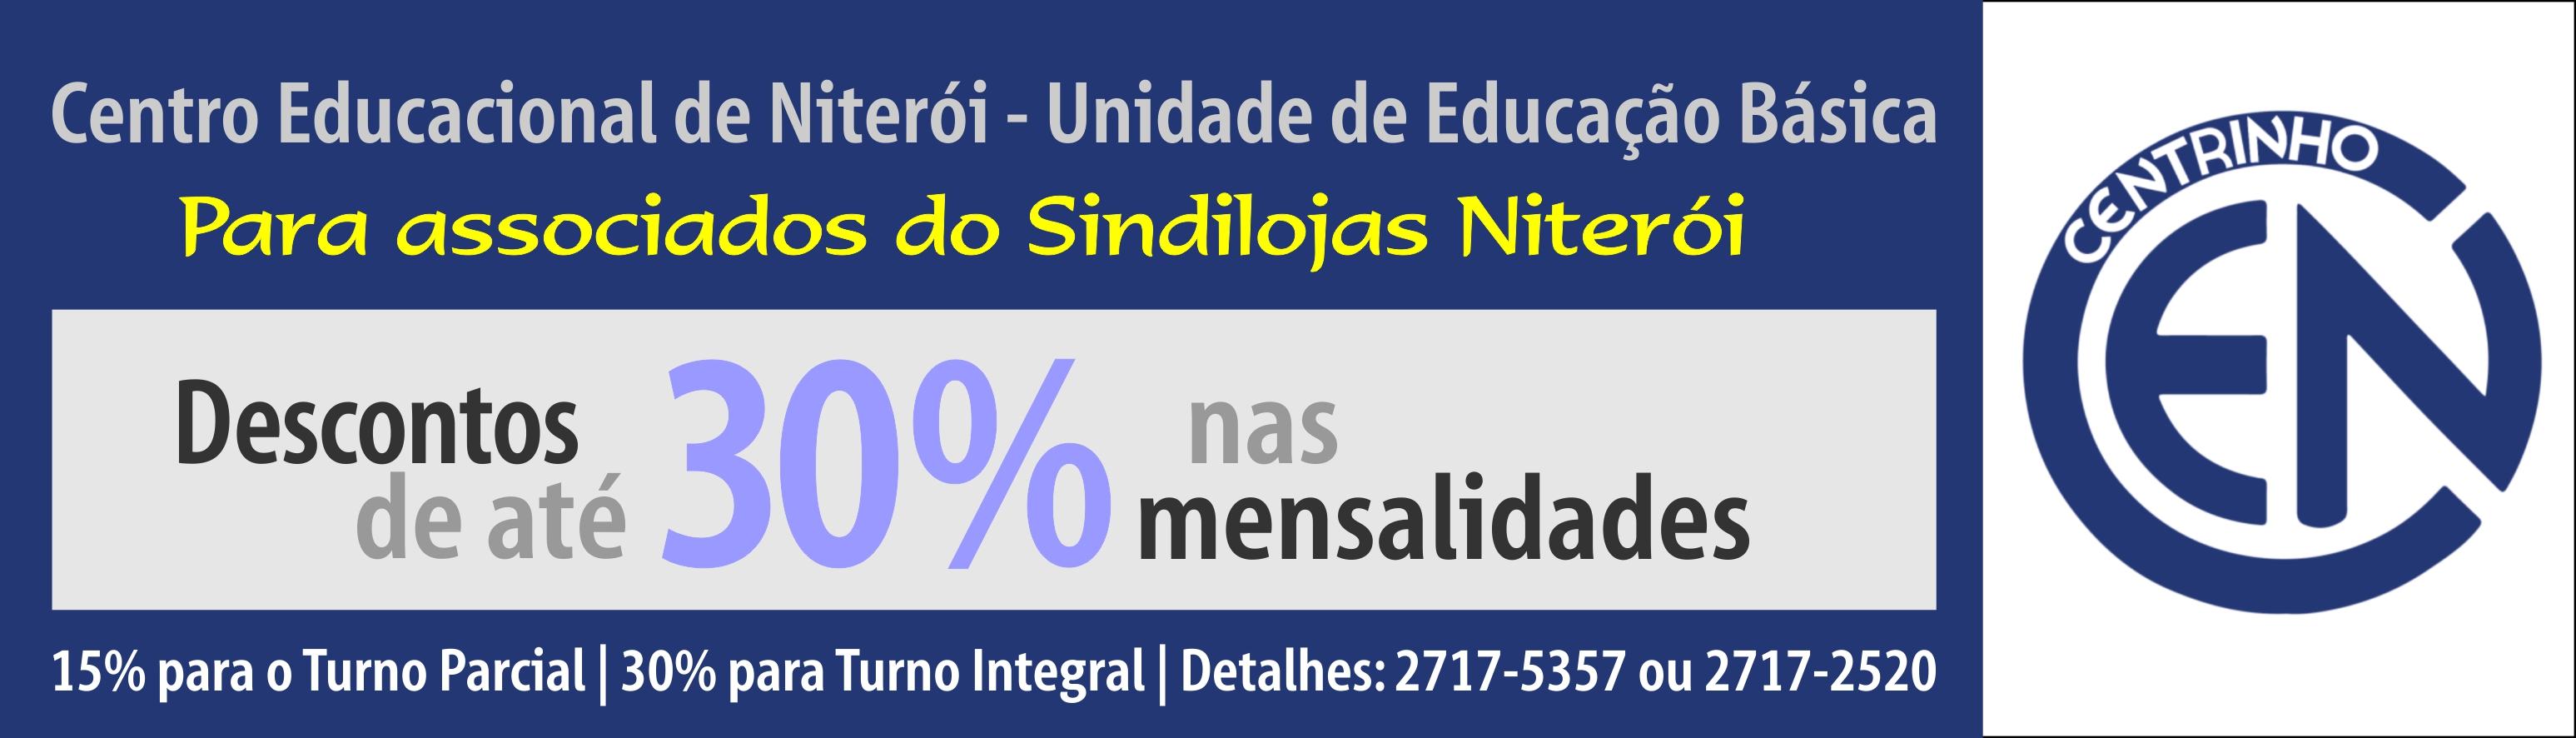 banner_centrinho